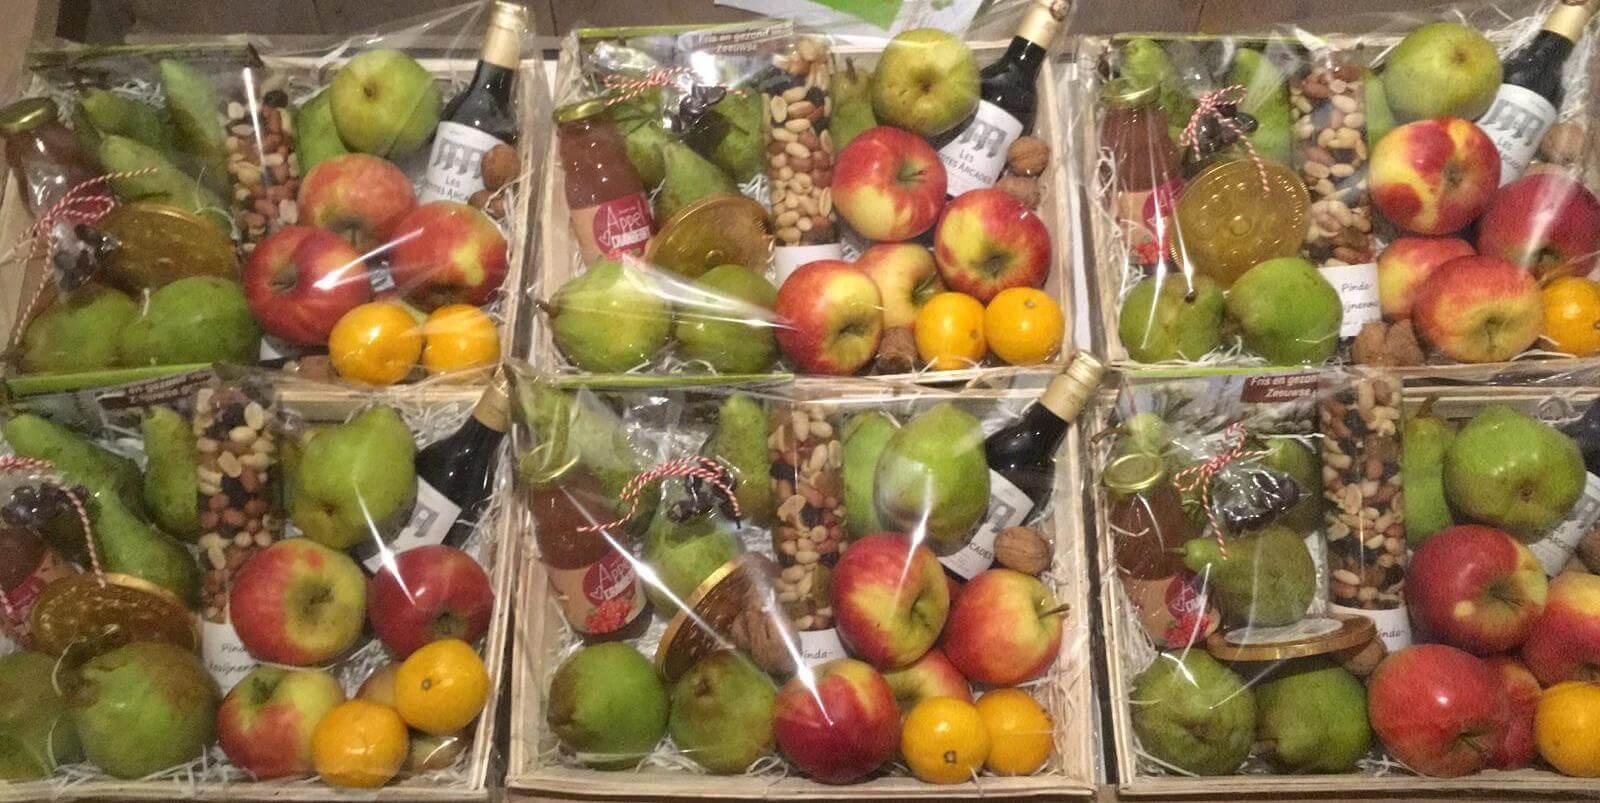 Fruitbedrijf Van den Berge Cadeaupakket met fruit 24